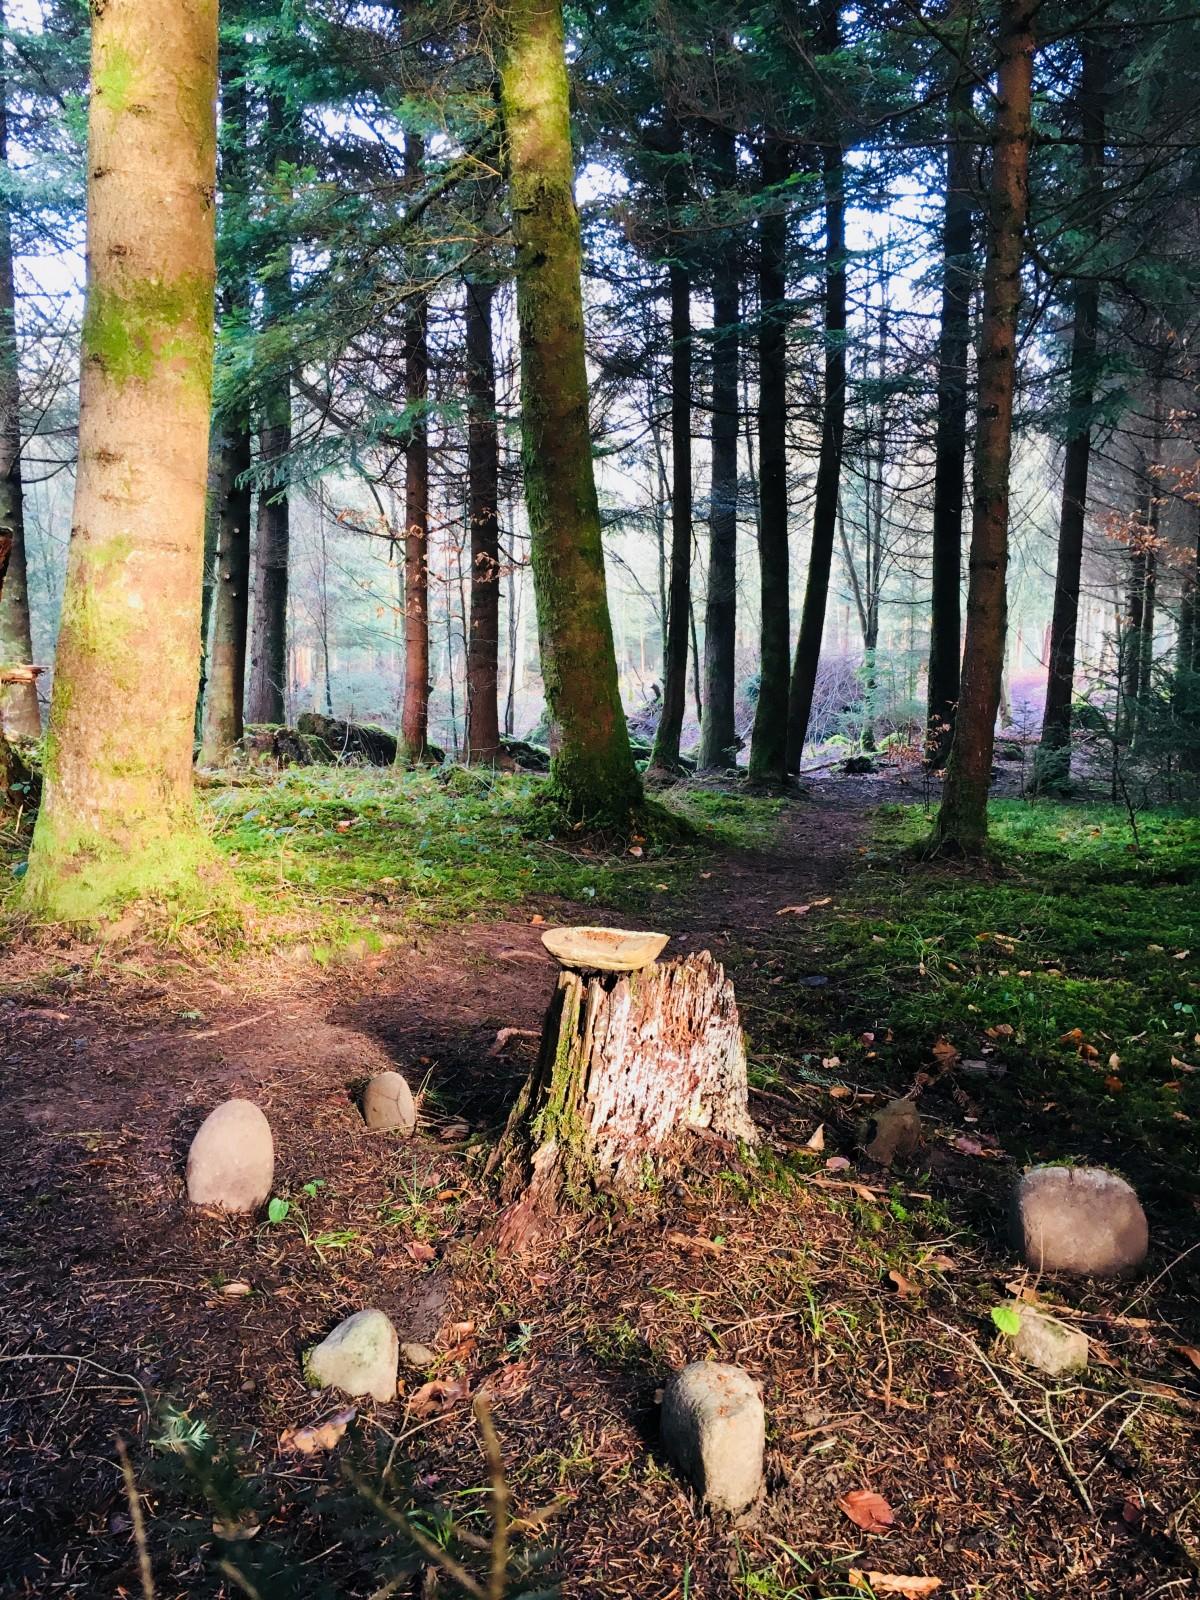 Ein Ritualplatz kann ein bestimmter Ort sein, allem voran aber ist es ein Bewusstseinszustand